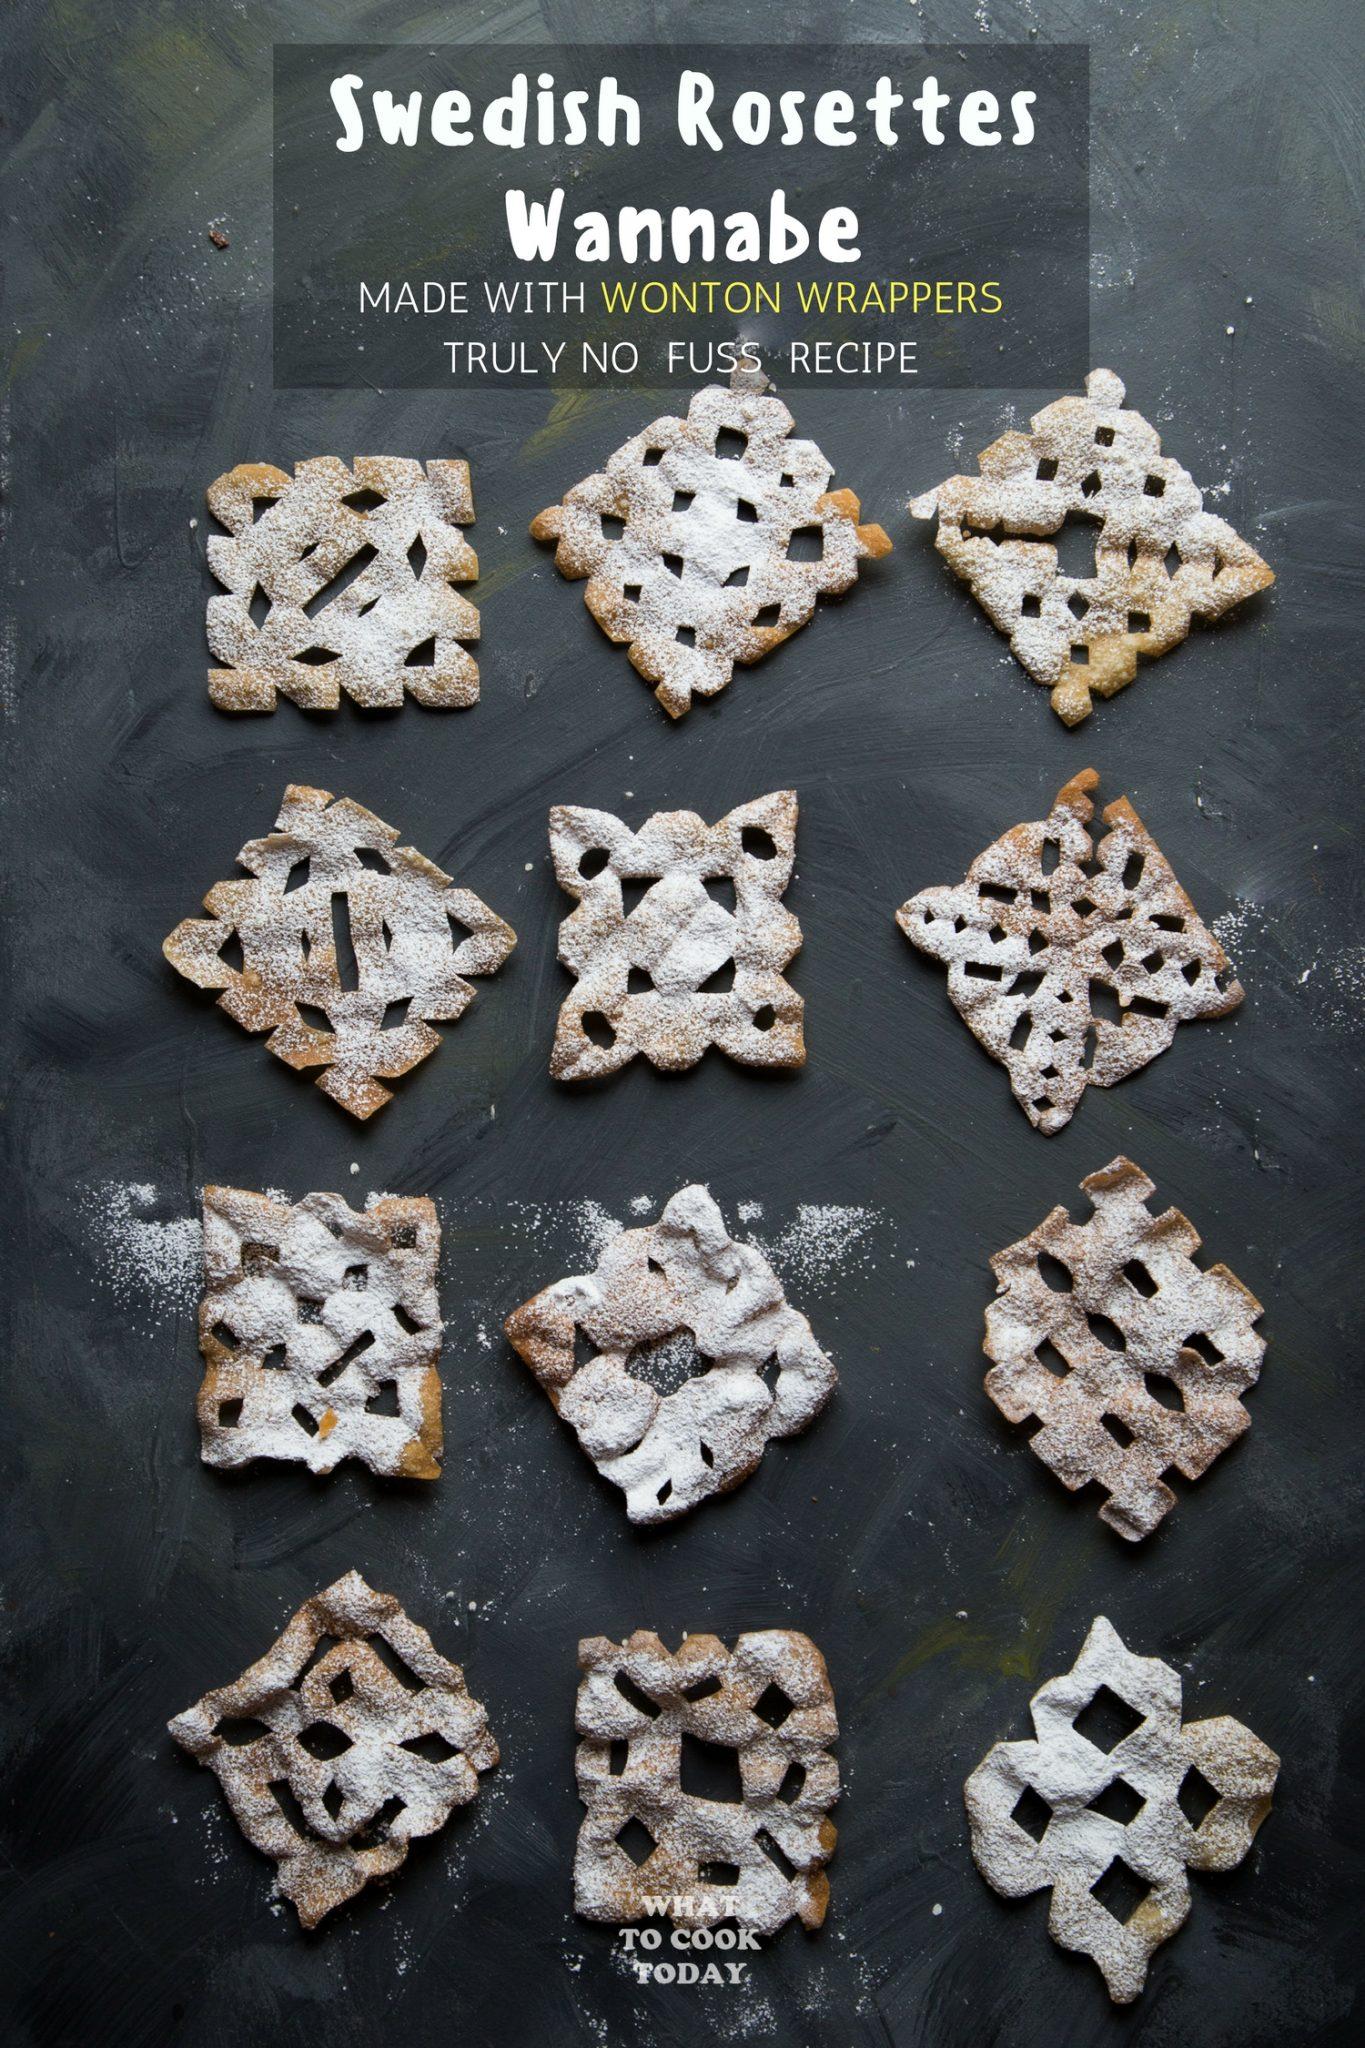 Swedish Rosettes Wannabe (made with wonton wrappers) #vegan #swedishrosettes #rosettes #christmas #easyrecipe